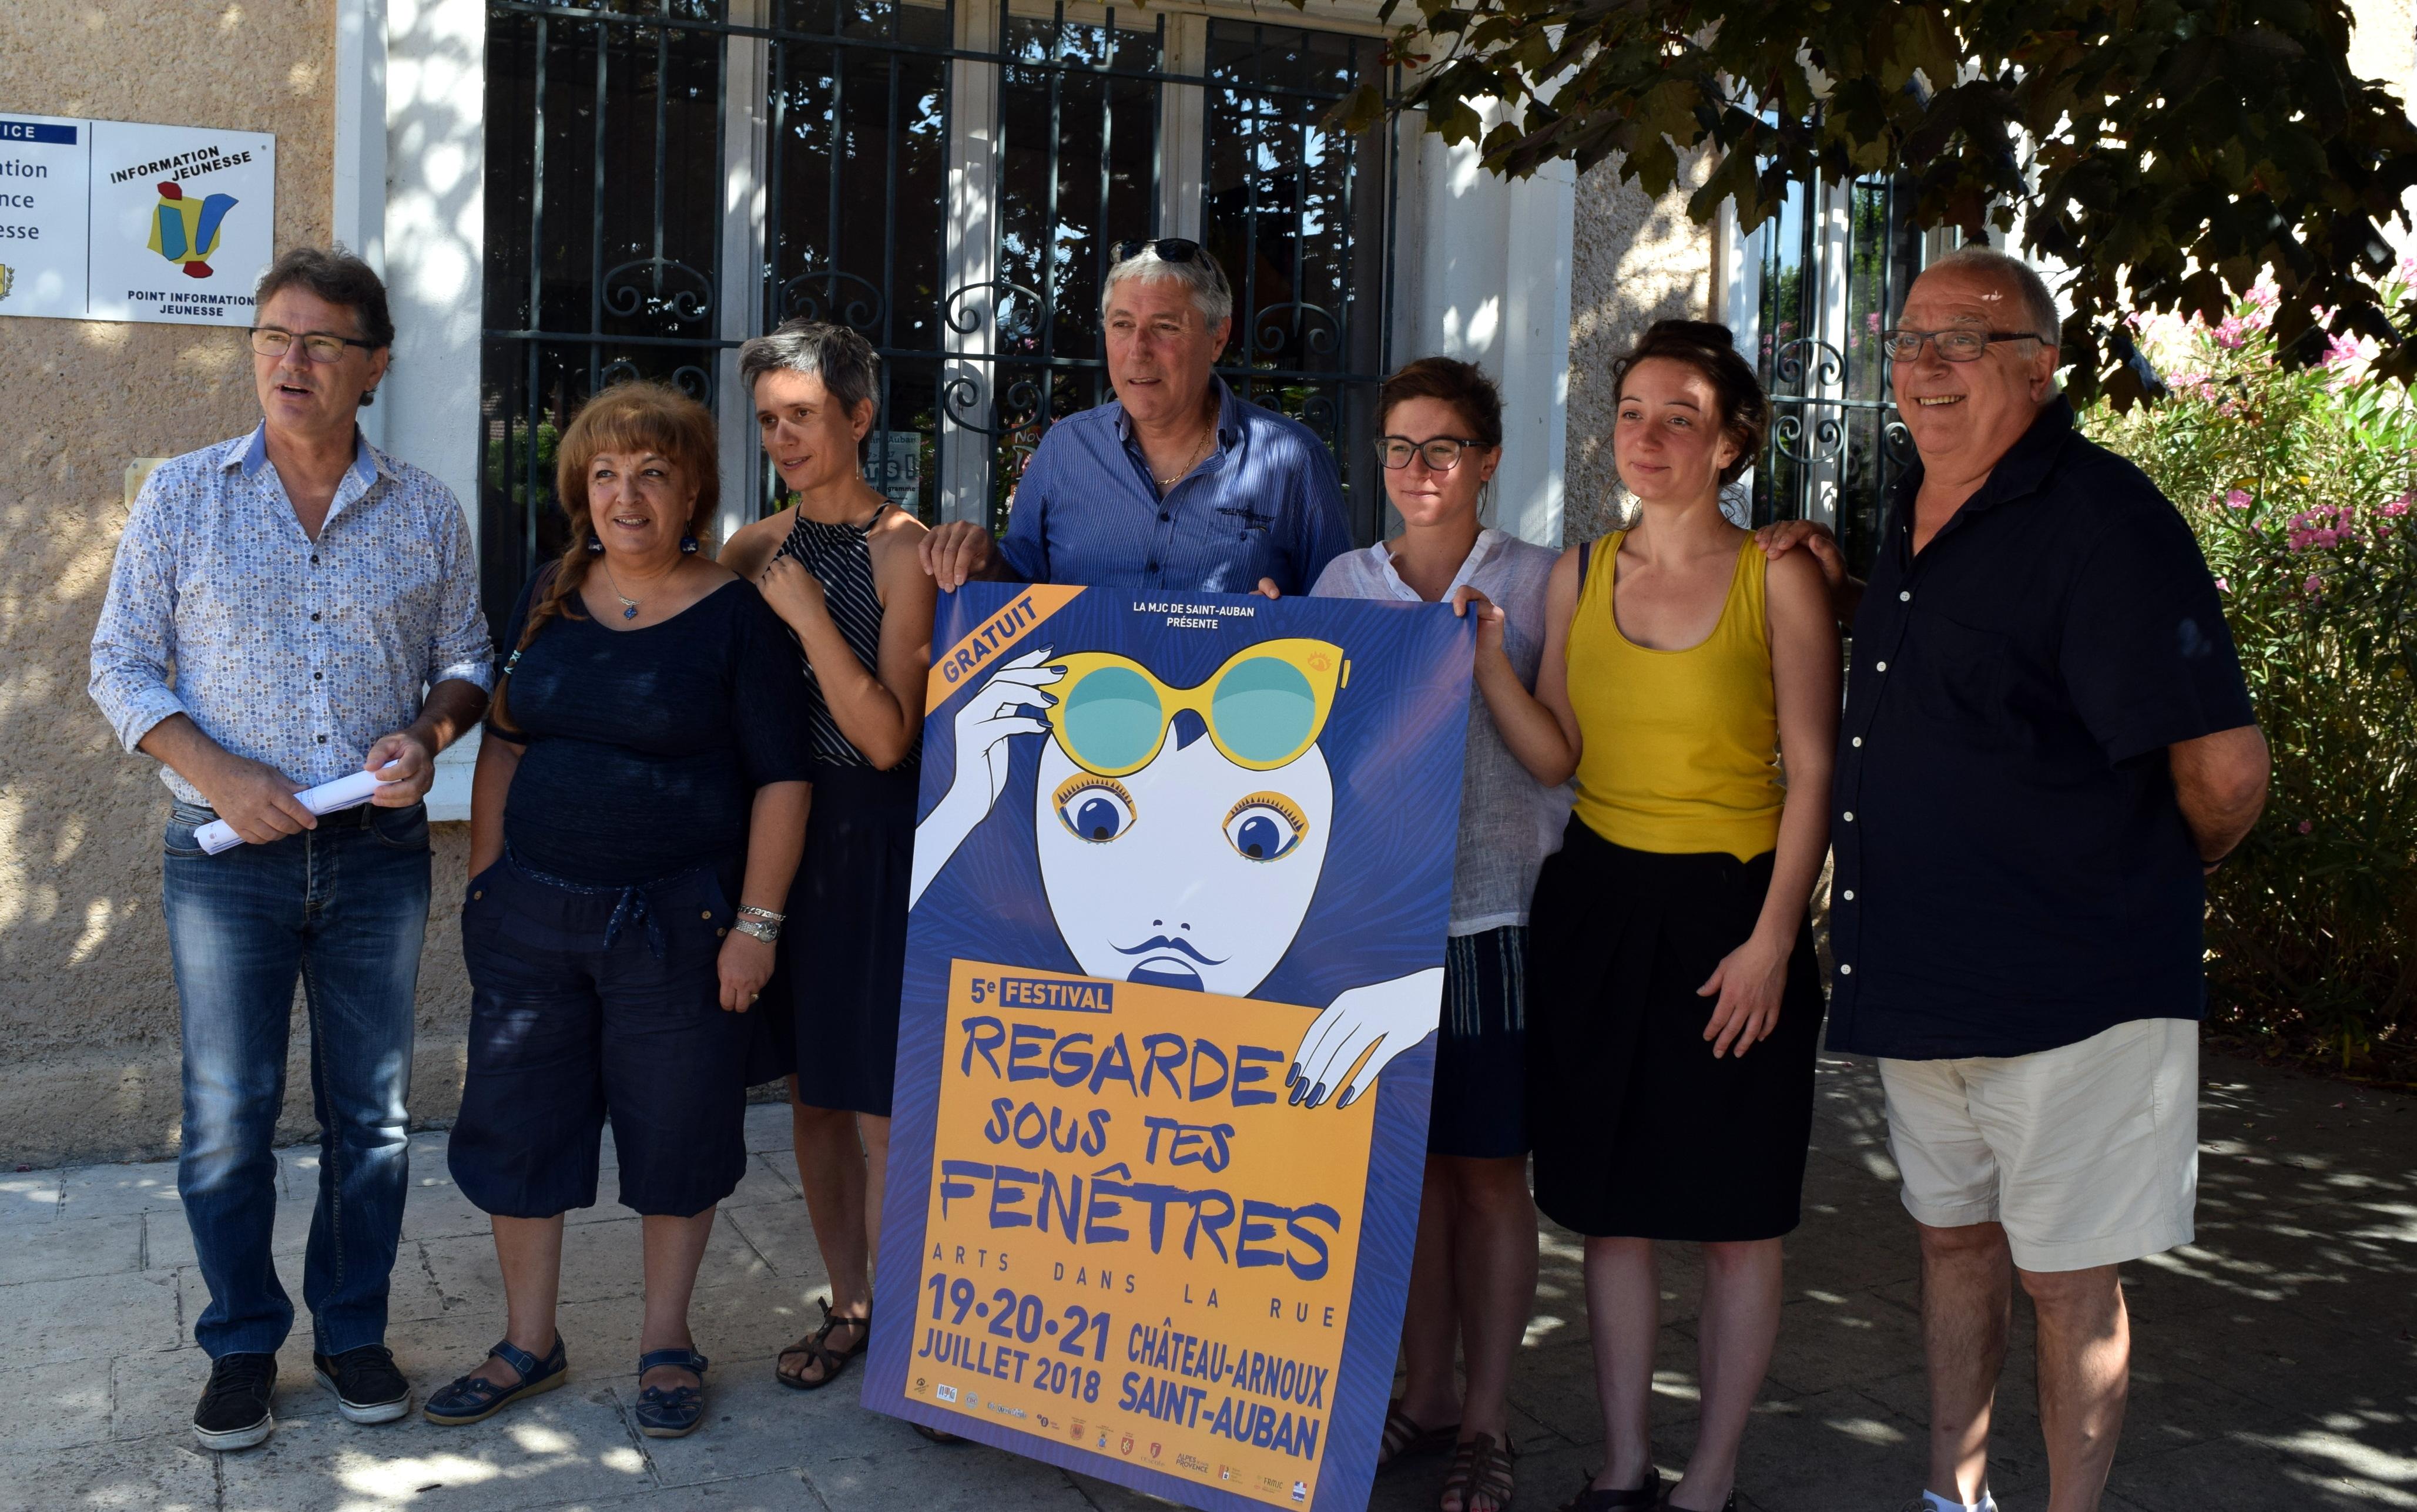 Le festival «Regarde sous tes fenêtres» revient à Saint-Auban